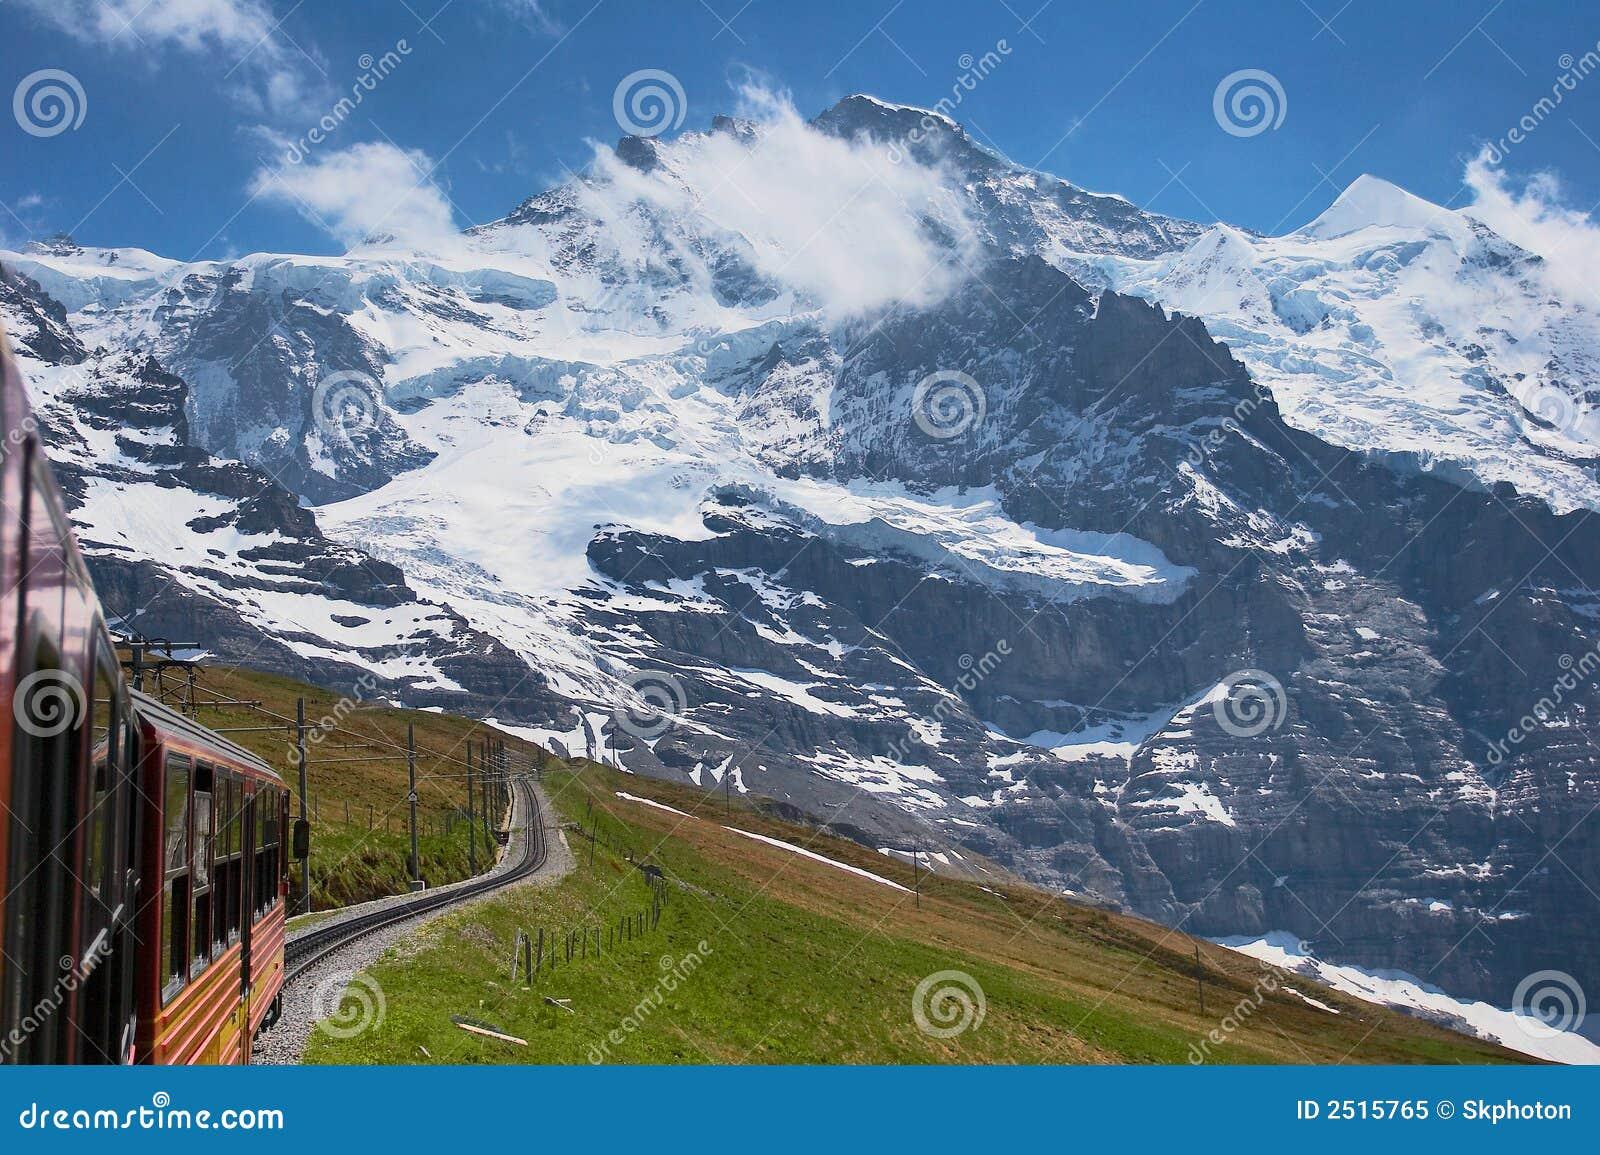 Train through the Alps